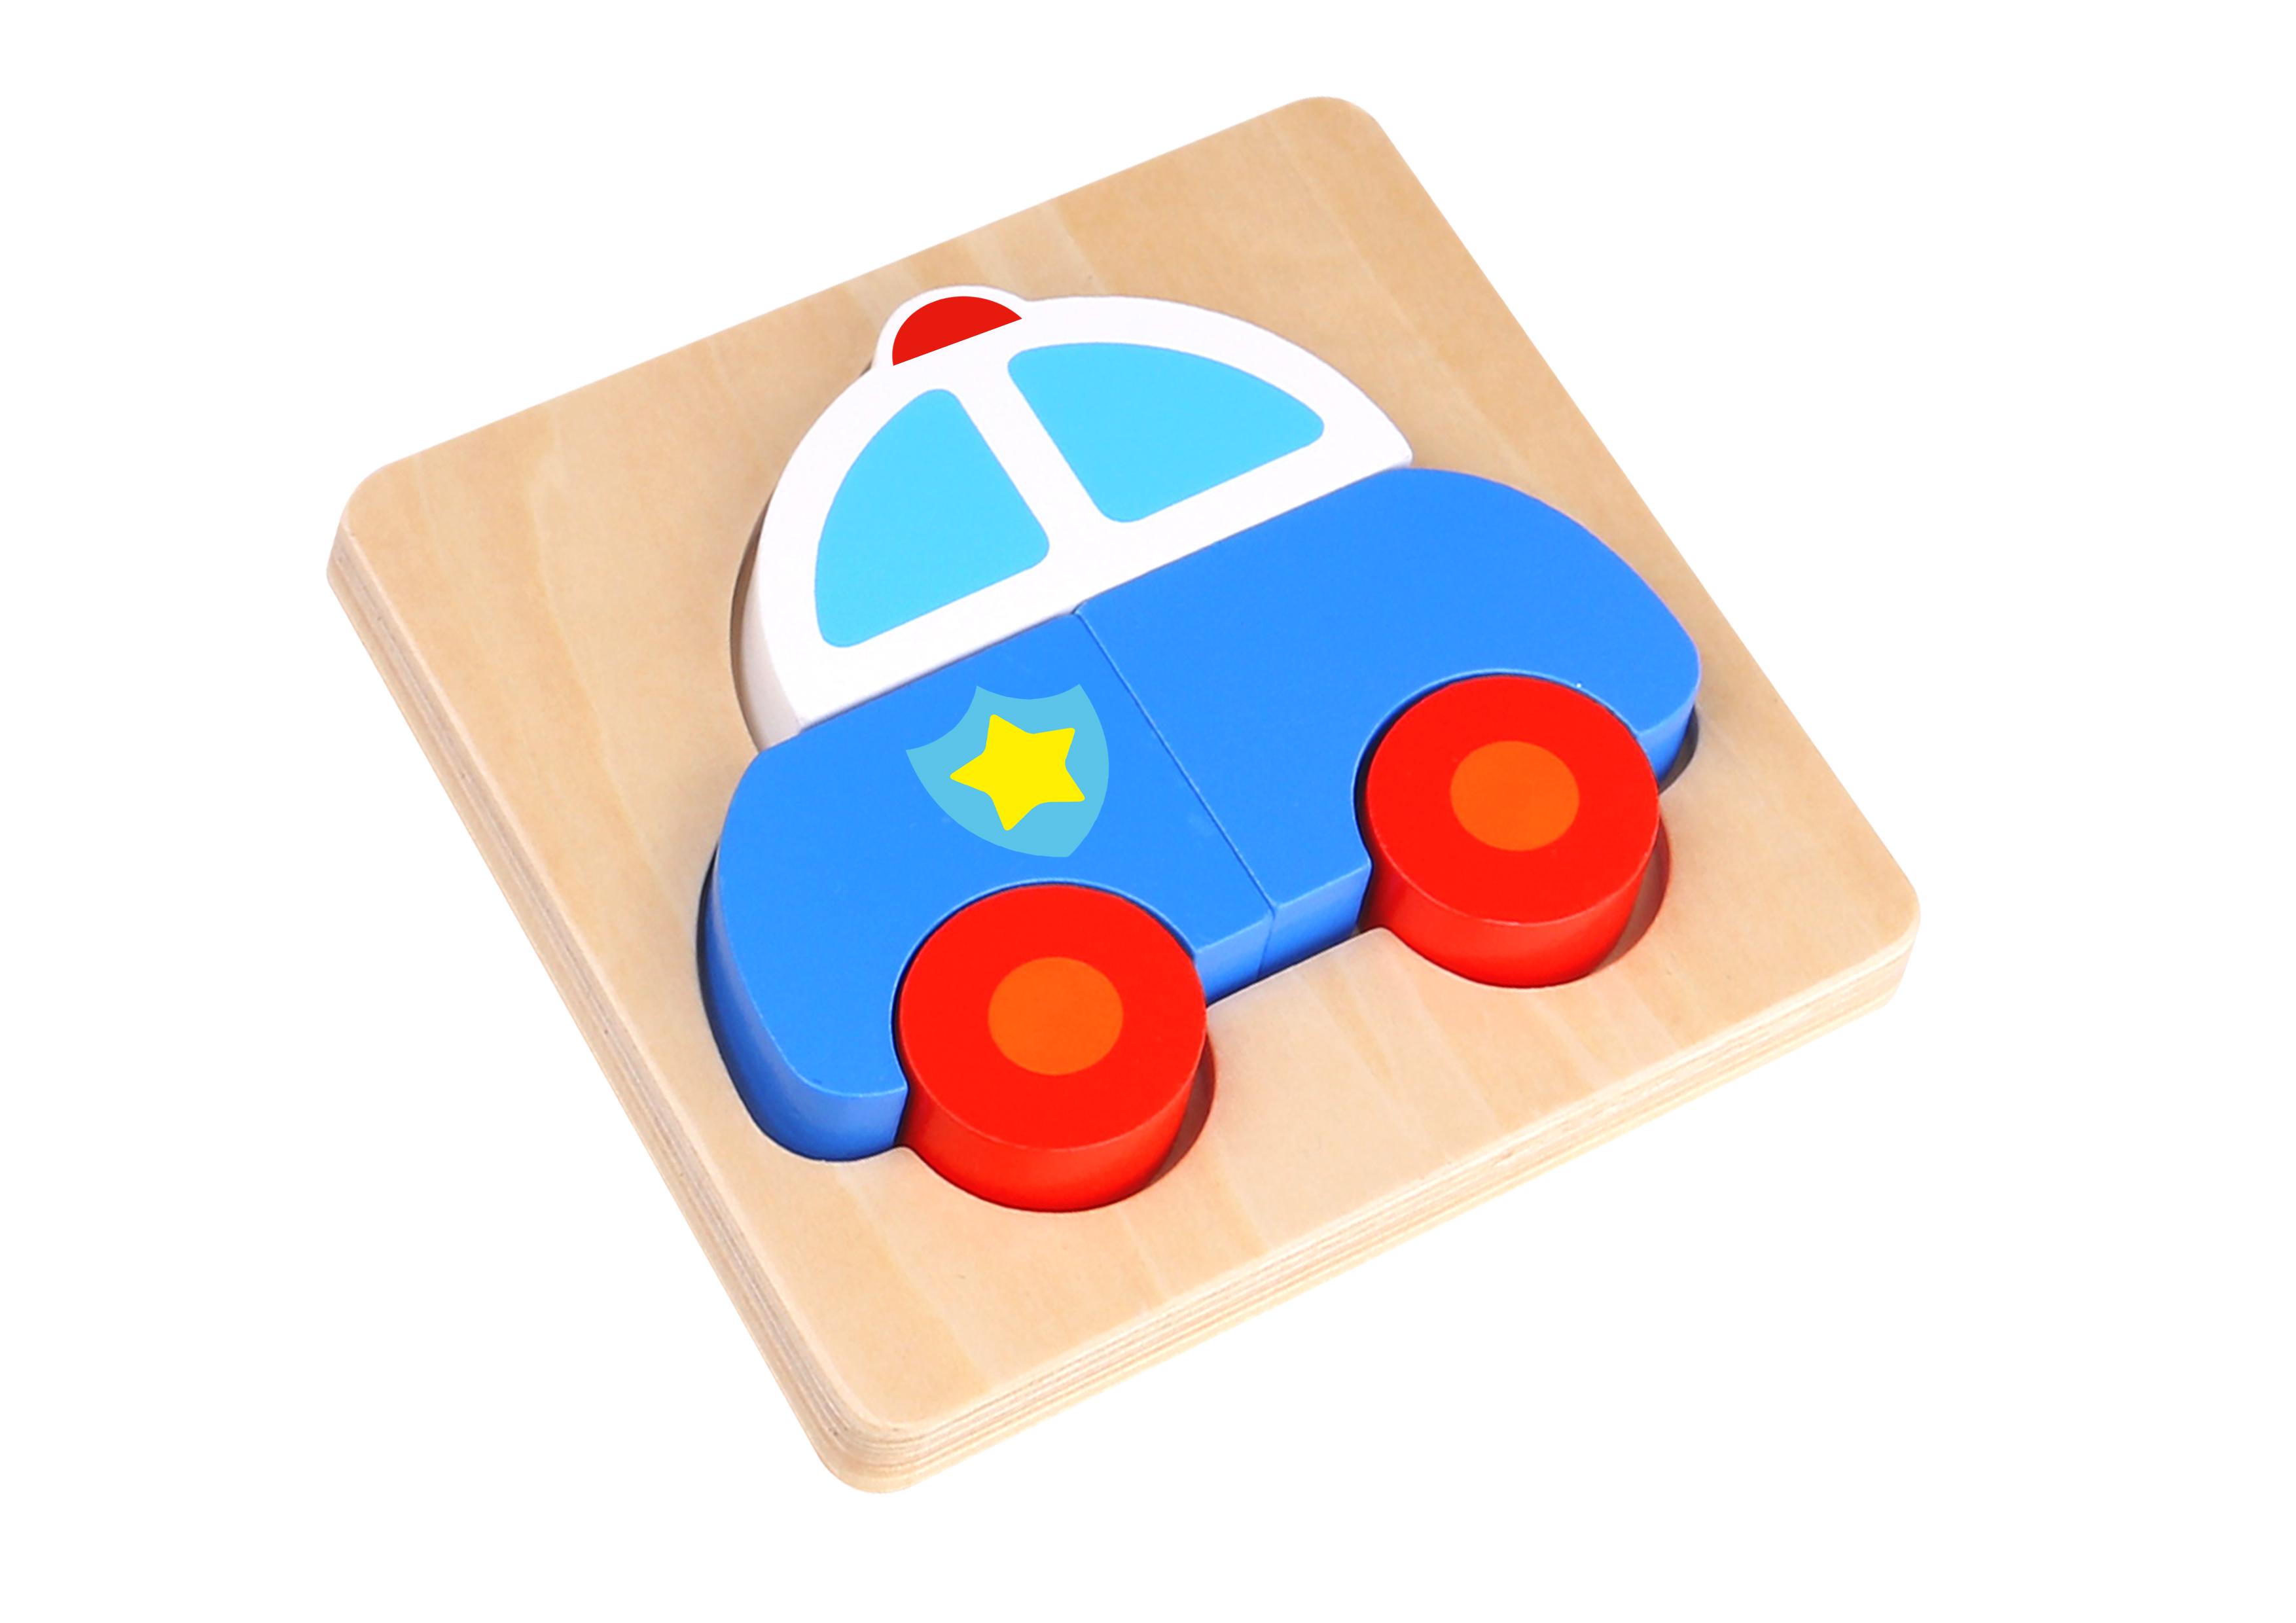 Mini puzzle lemn masina de politie tooky toy imagine